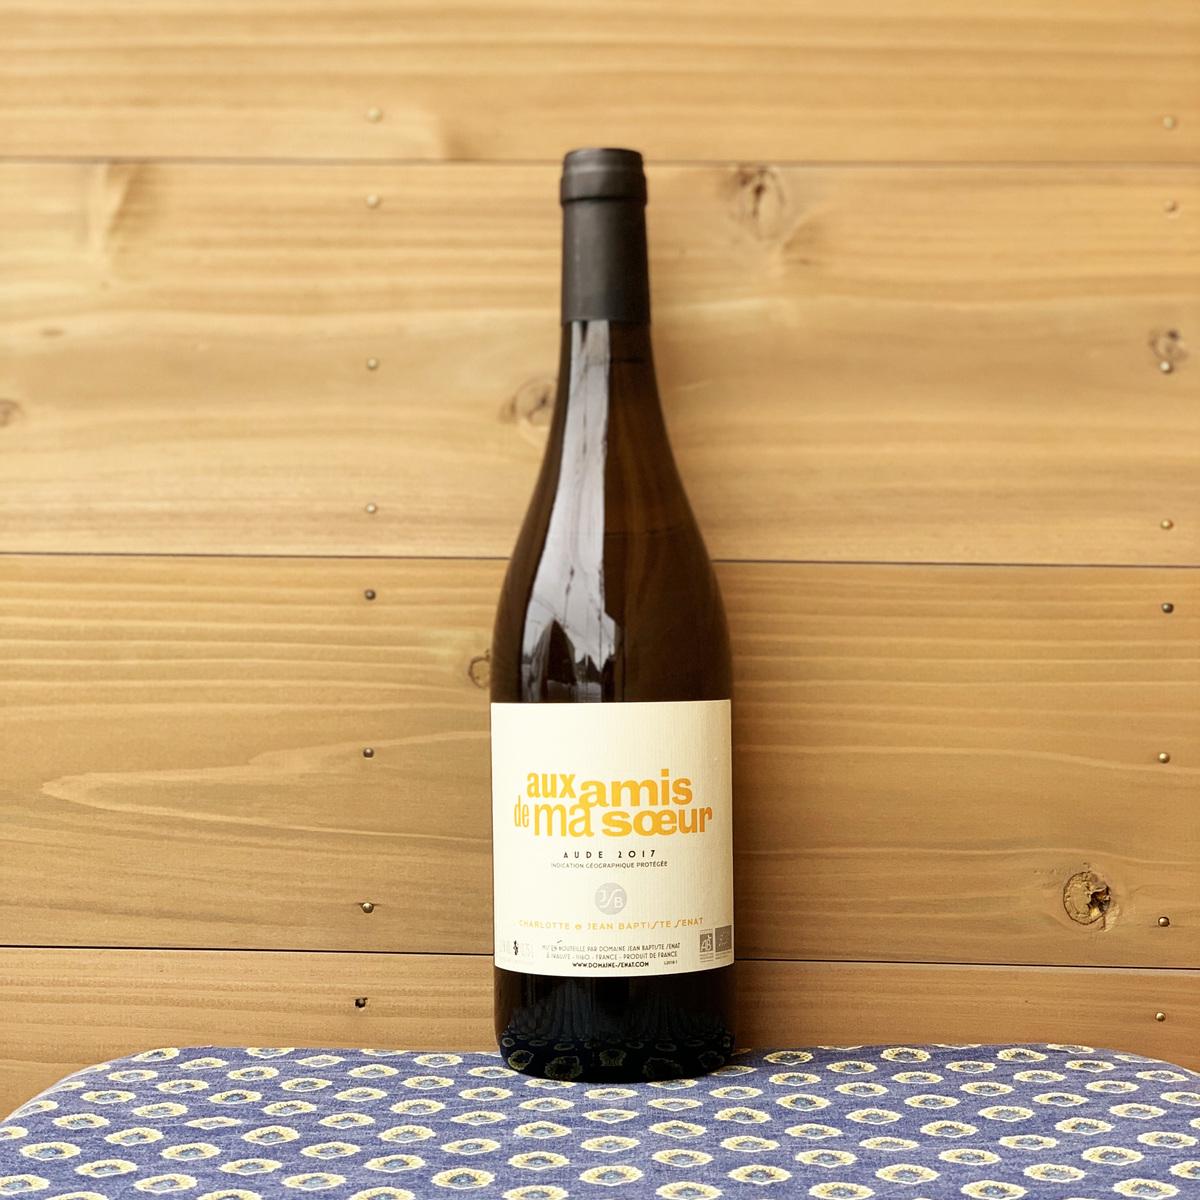 複数種の葡萄が醸し出す絶妙なバランスが持ち味 ラングドック地方 フランス ついに再販開始 ジャンバティスト セナ オザミ 《週末限定タイムセール》 ド '17 マ 白ワイン 自然派ワイン ソール